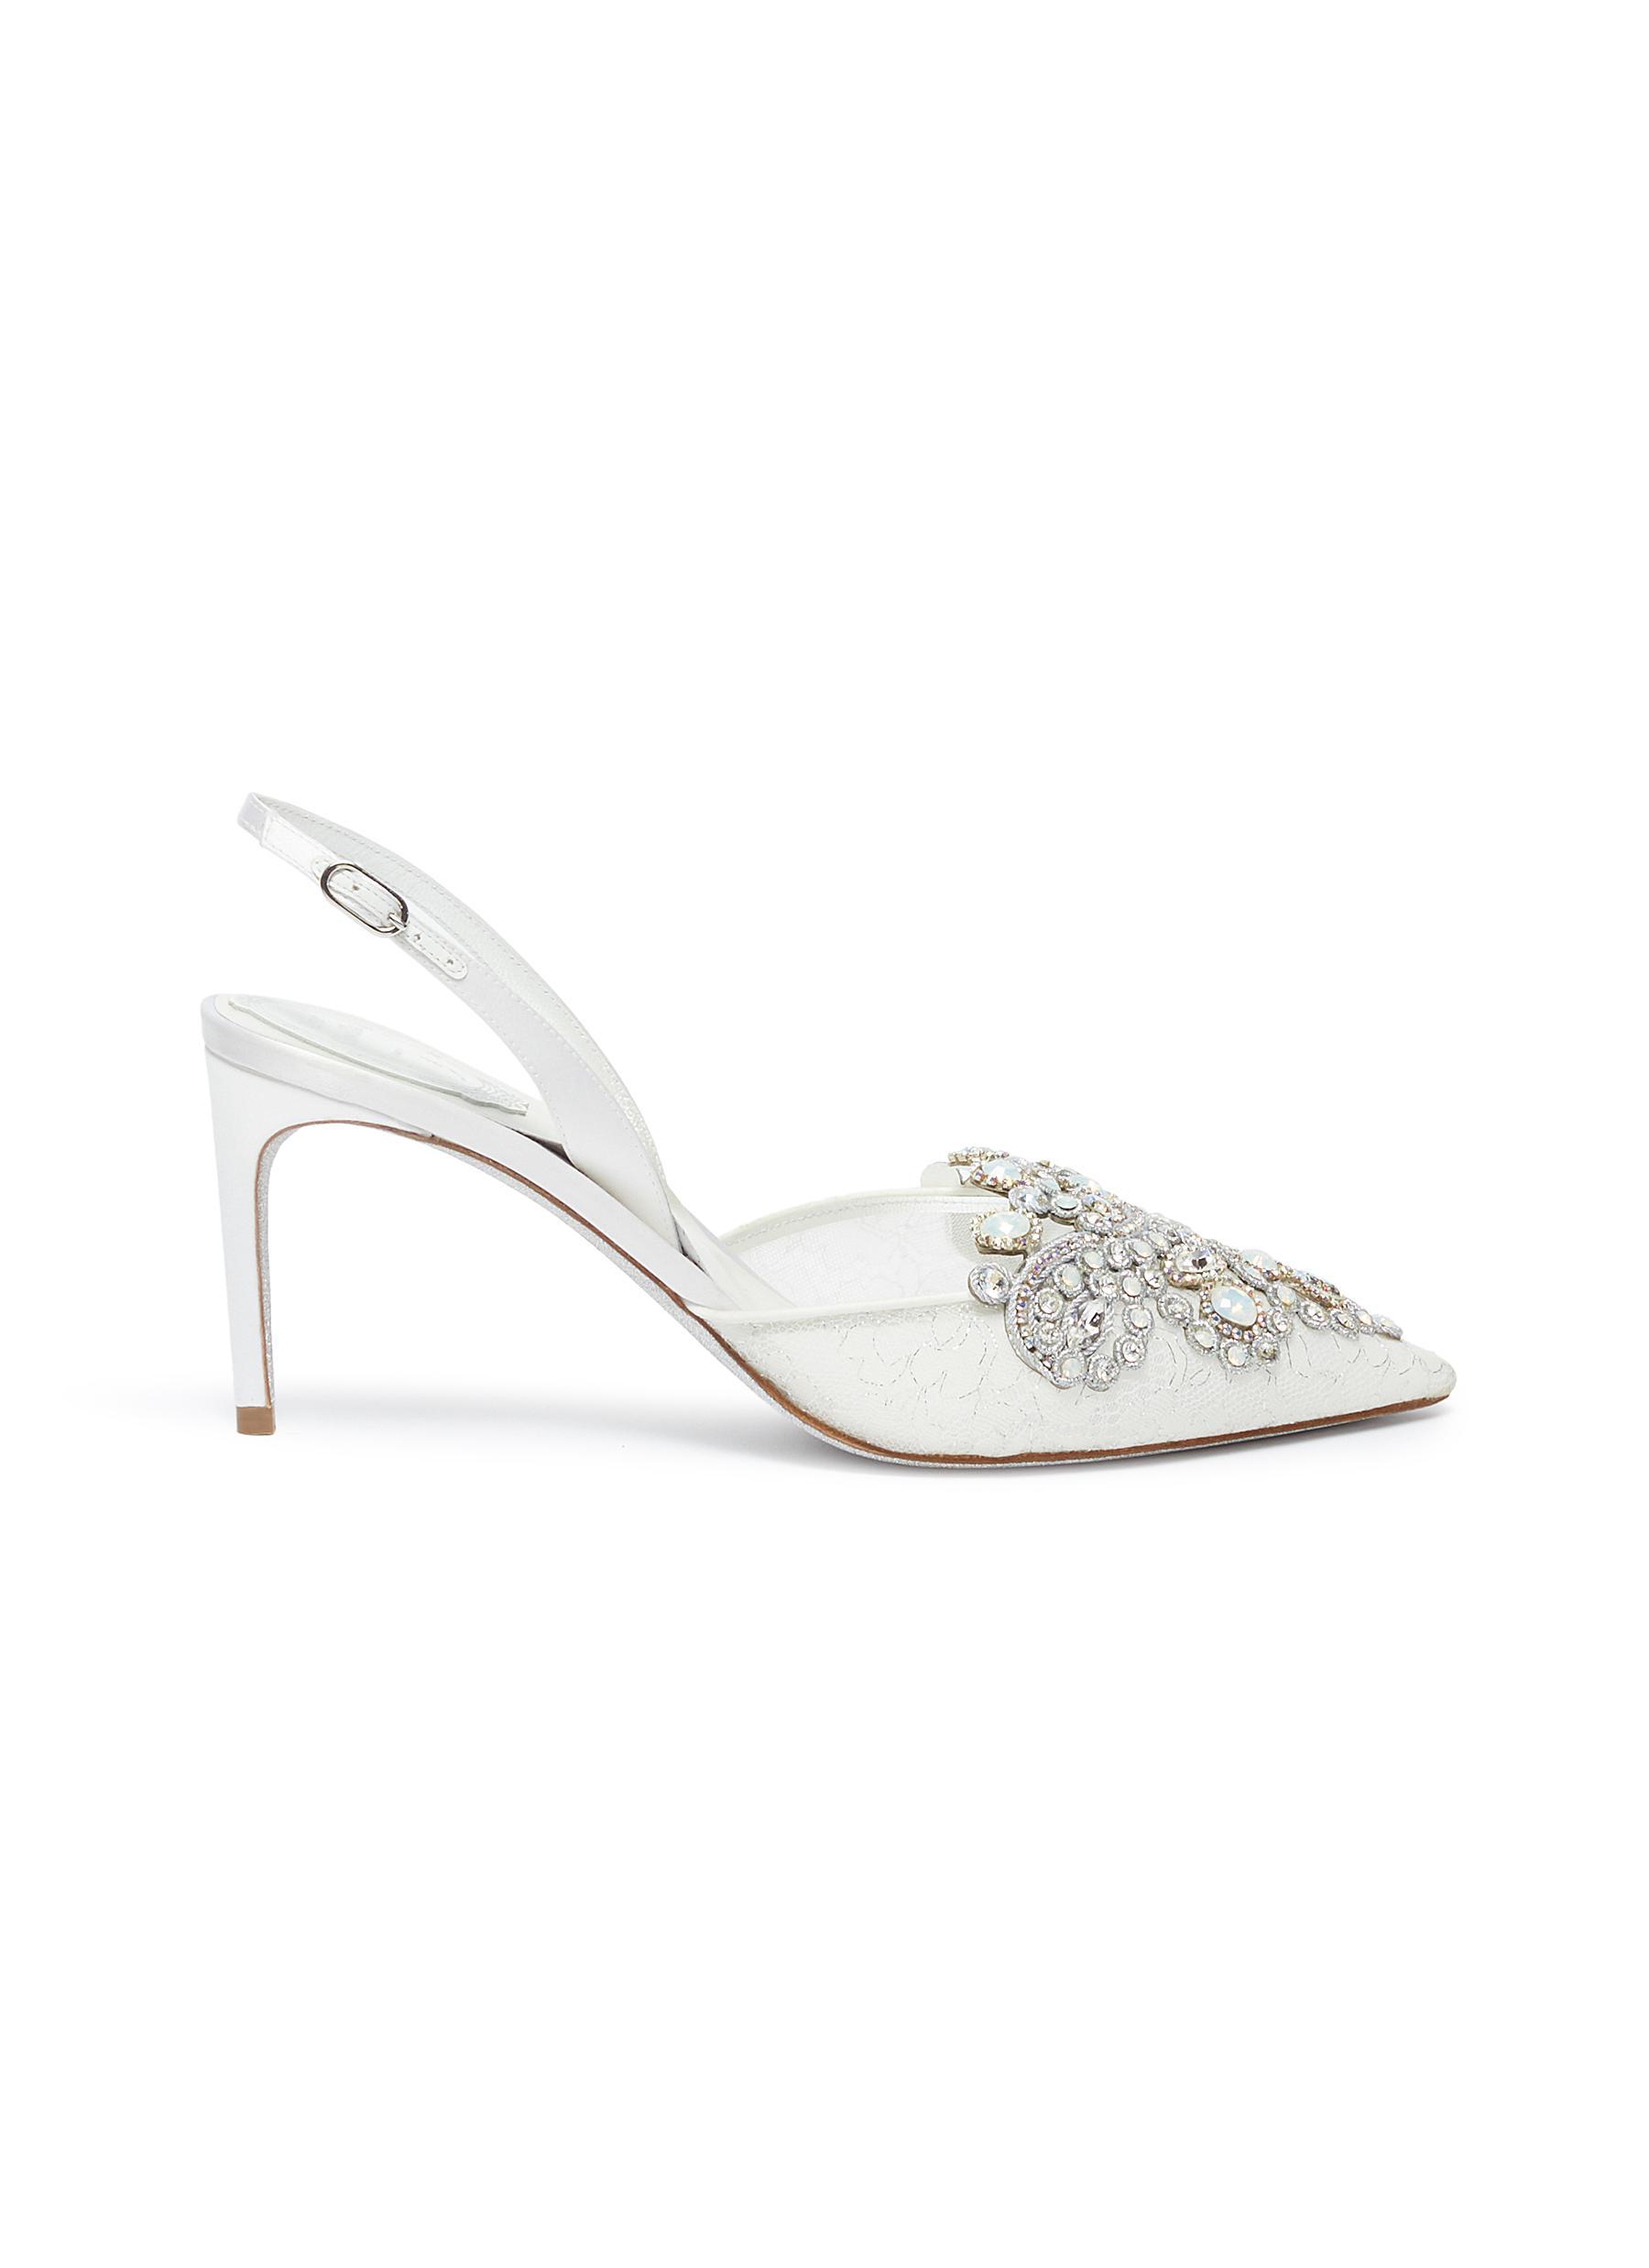 Photo of René Caovilla Shoes Mid Heels online sale